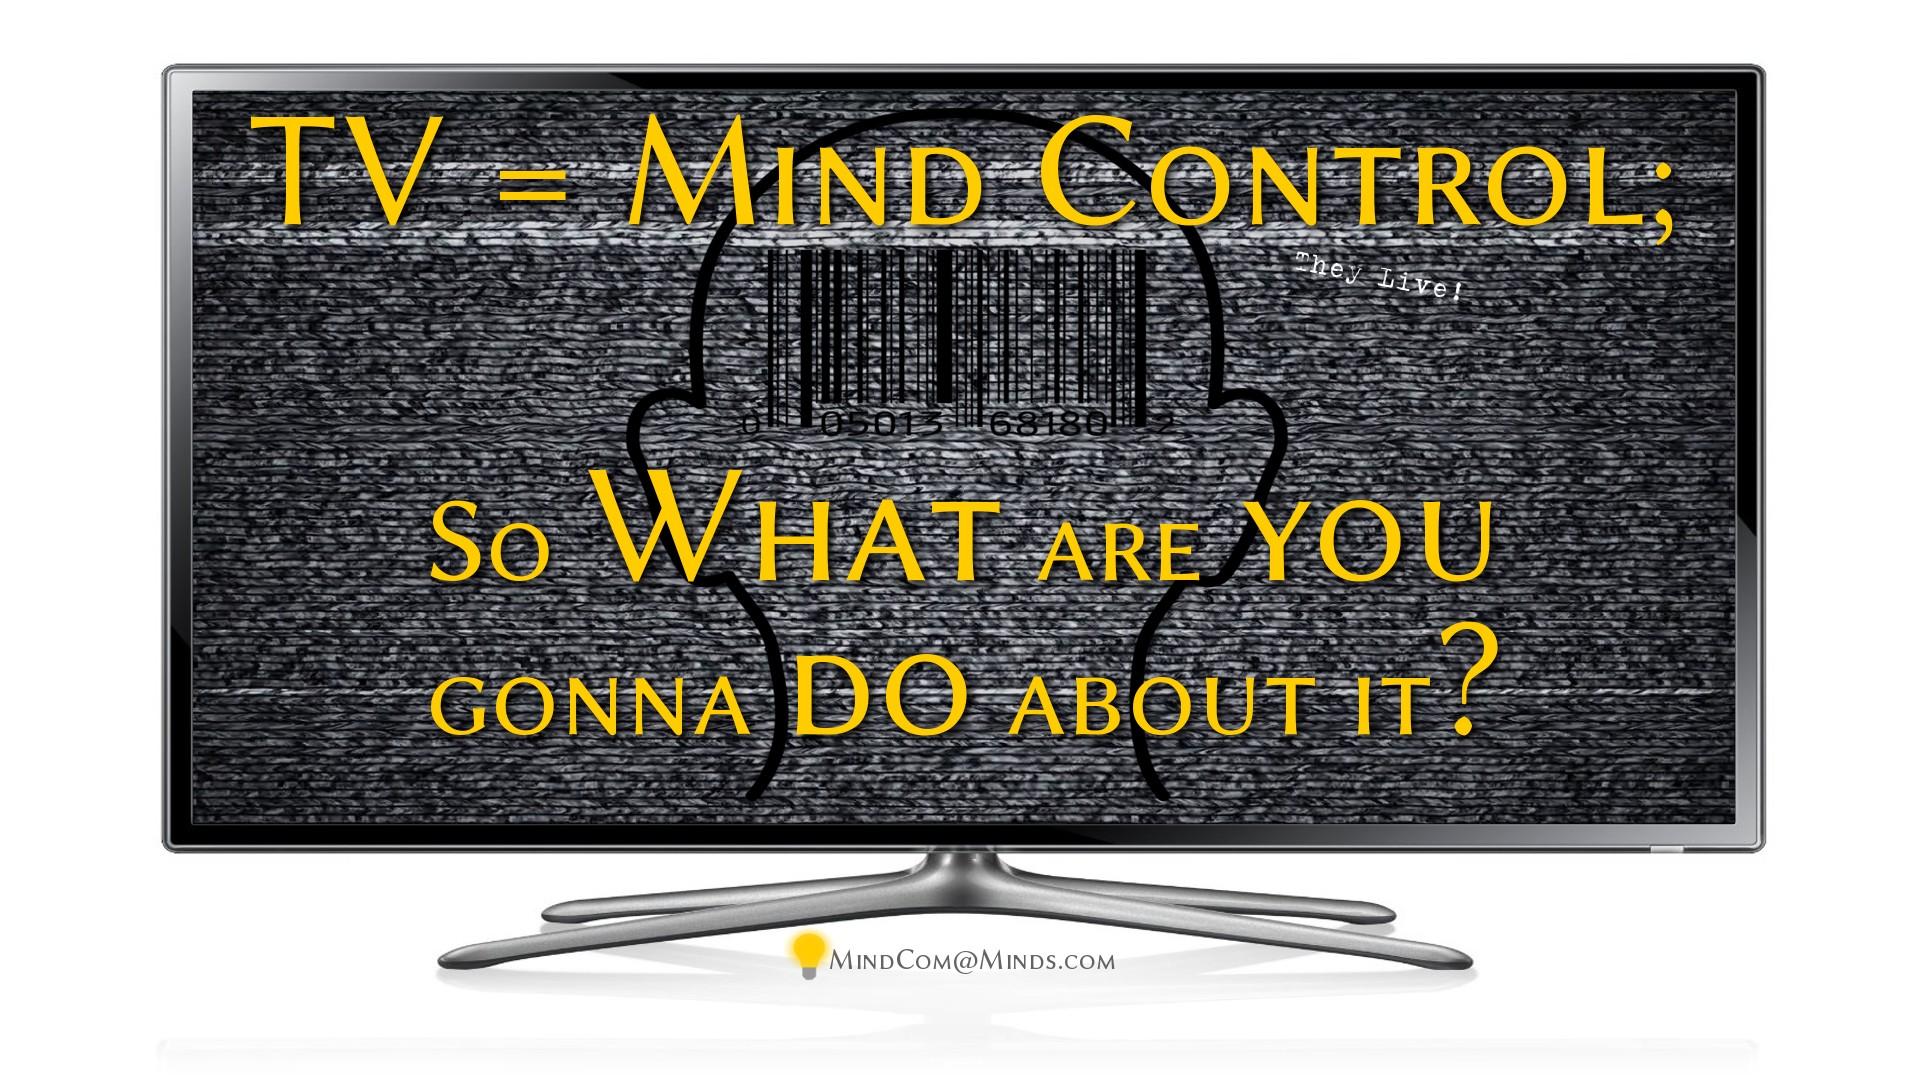 www.minds.com